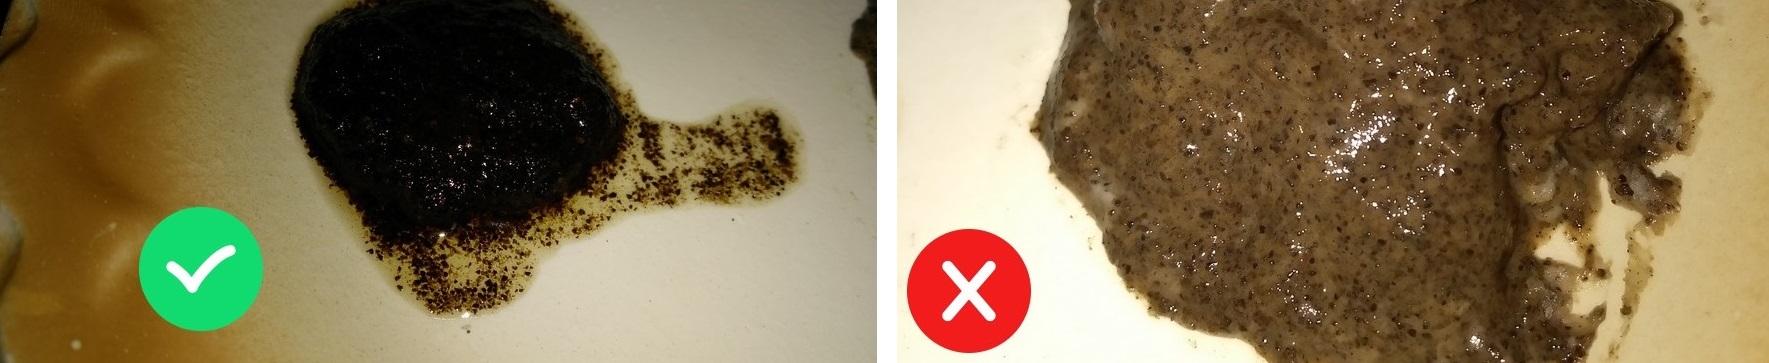 Проверка порошка корицы с помощью кофе